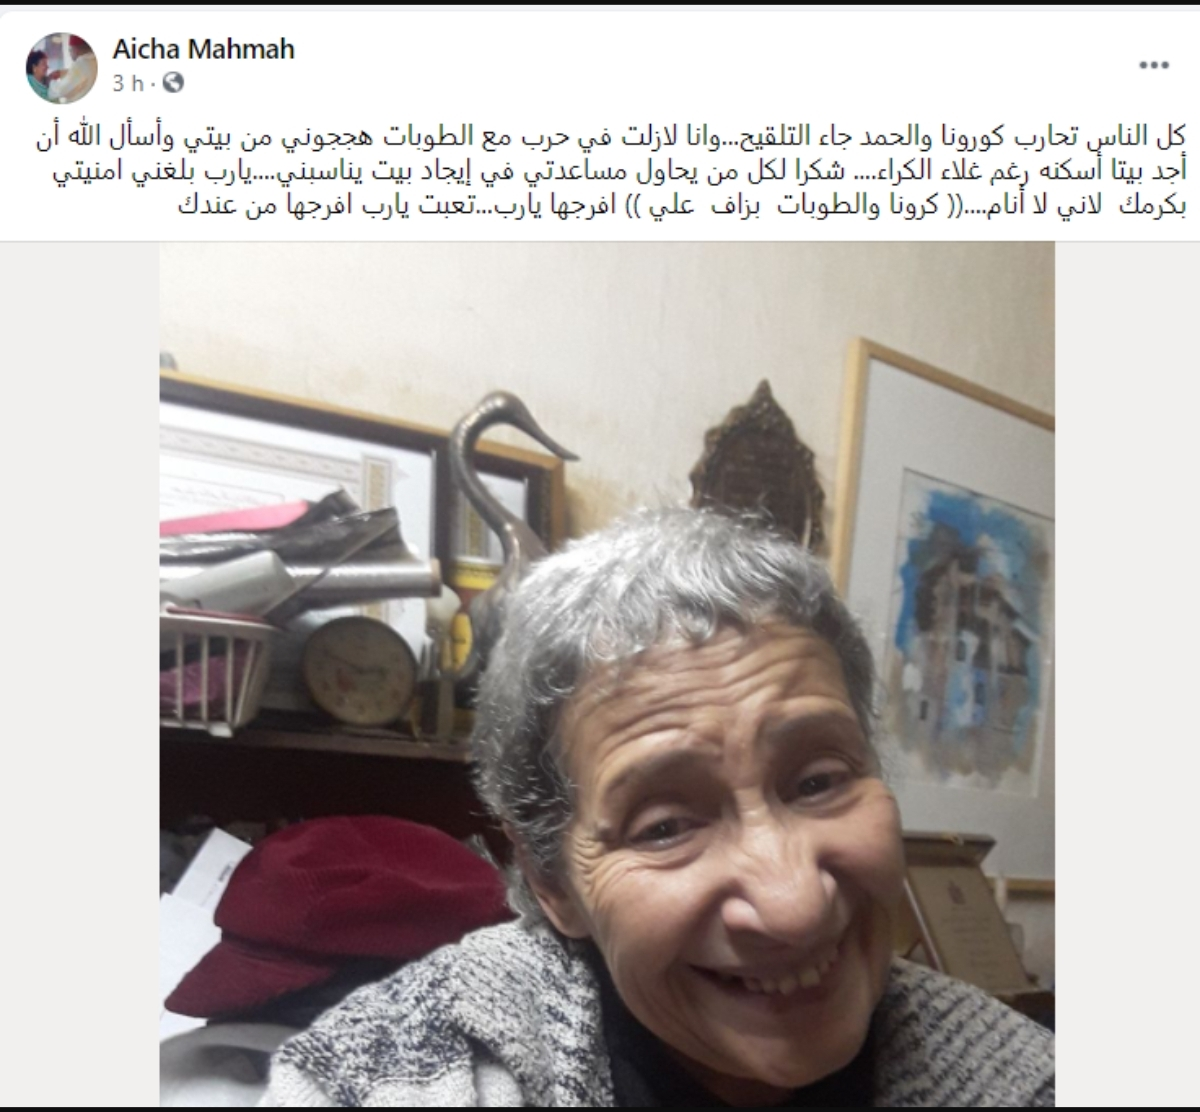 """الفنانة عائشة مهماه تُصارع """"الطُّوبَّاتْ"""" بمنزلها"""